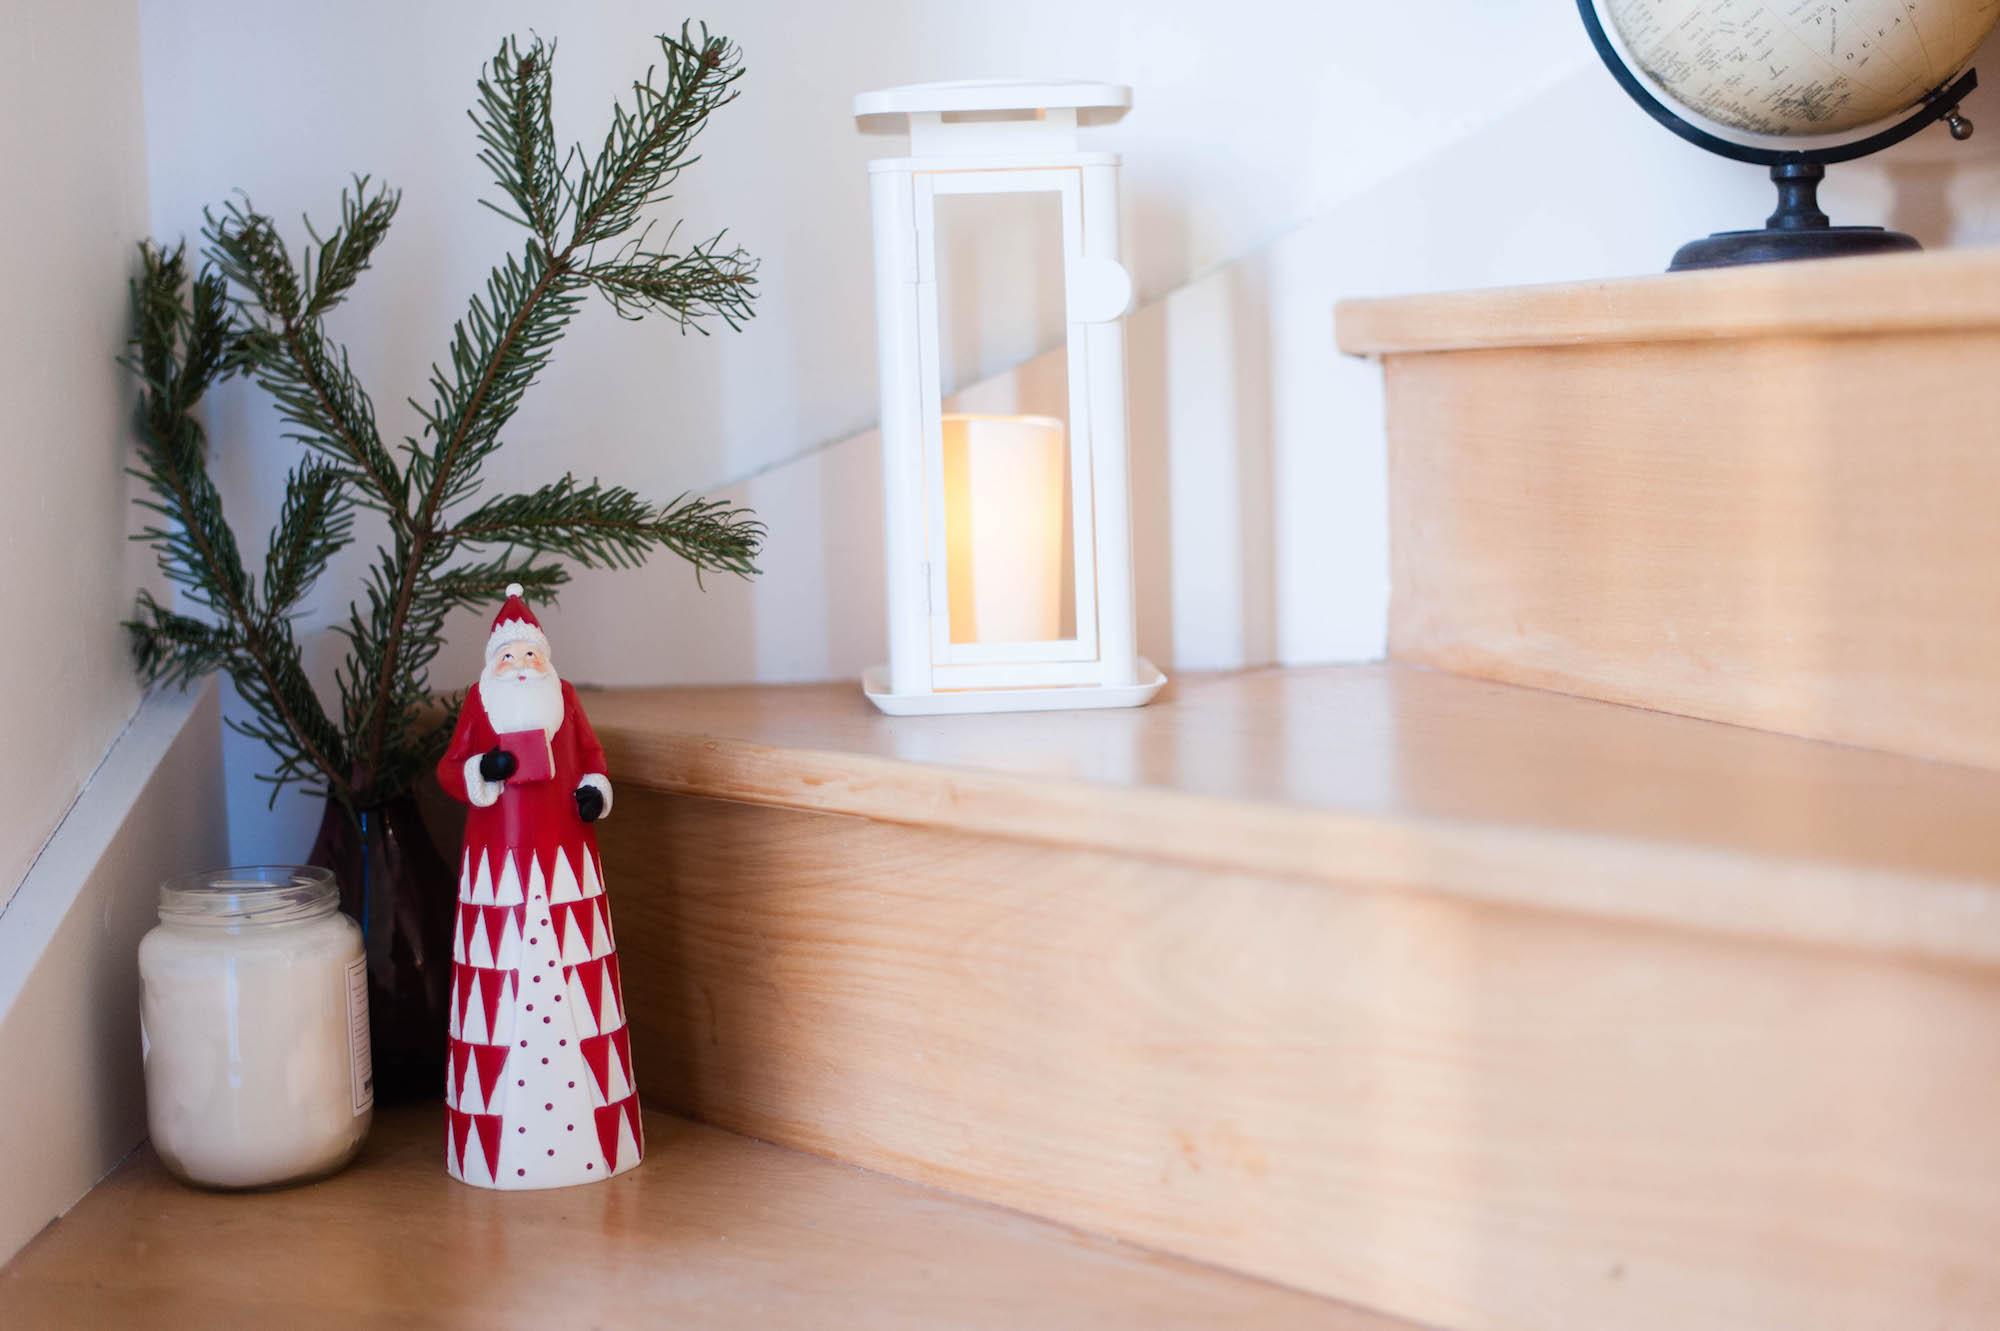 déco de Noël - rouge vert